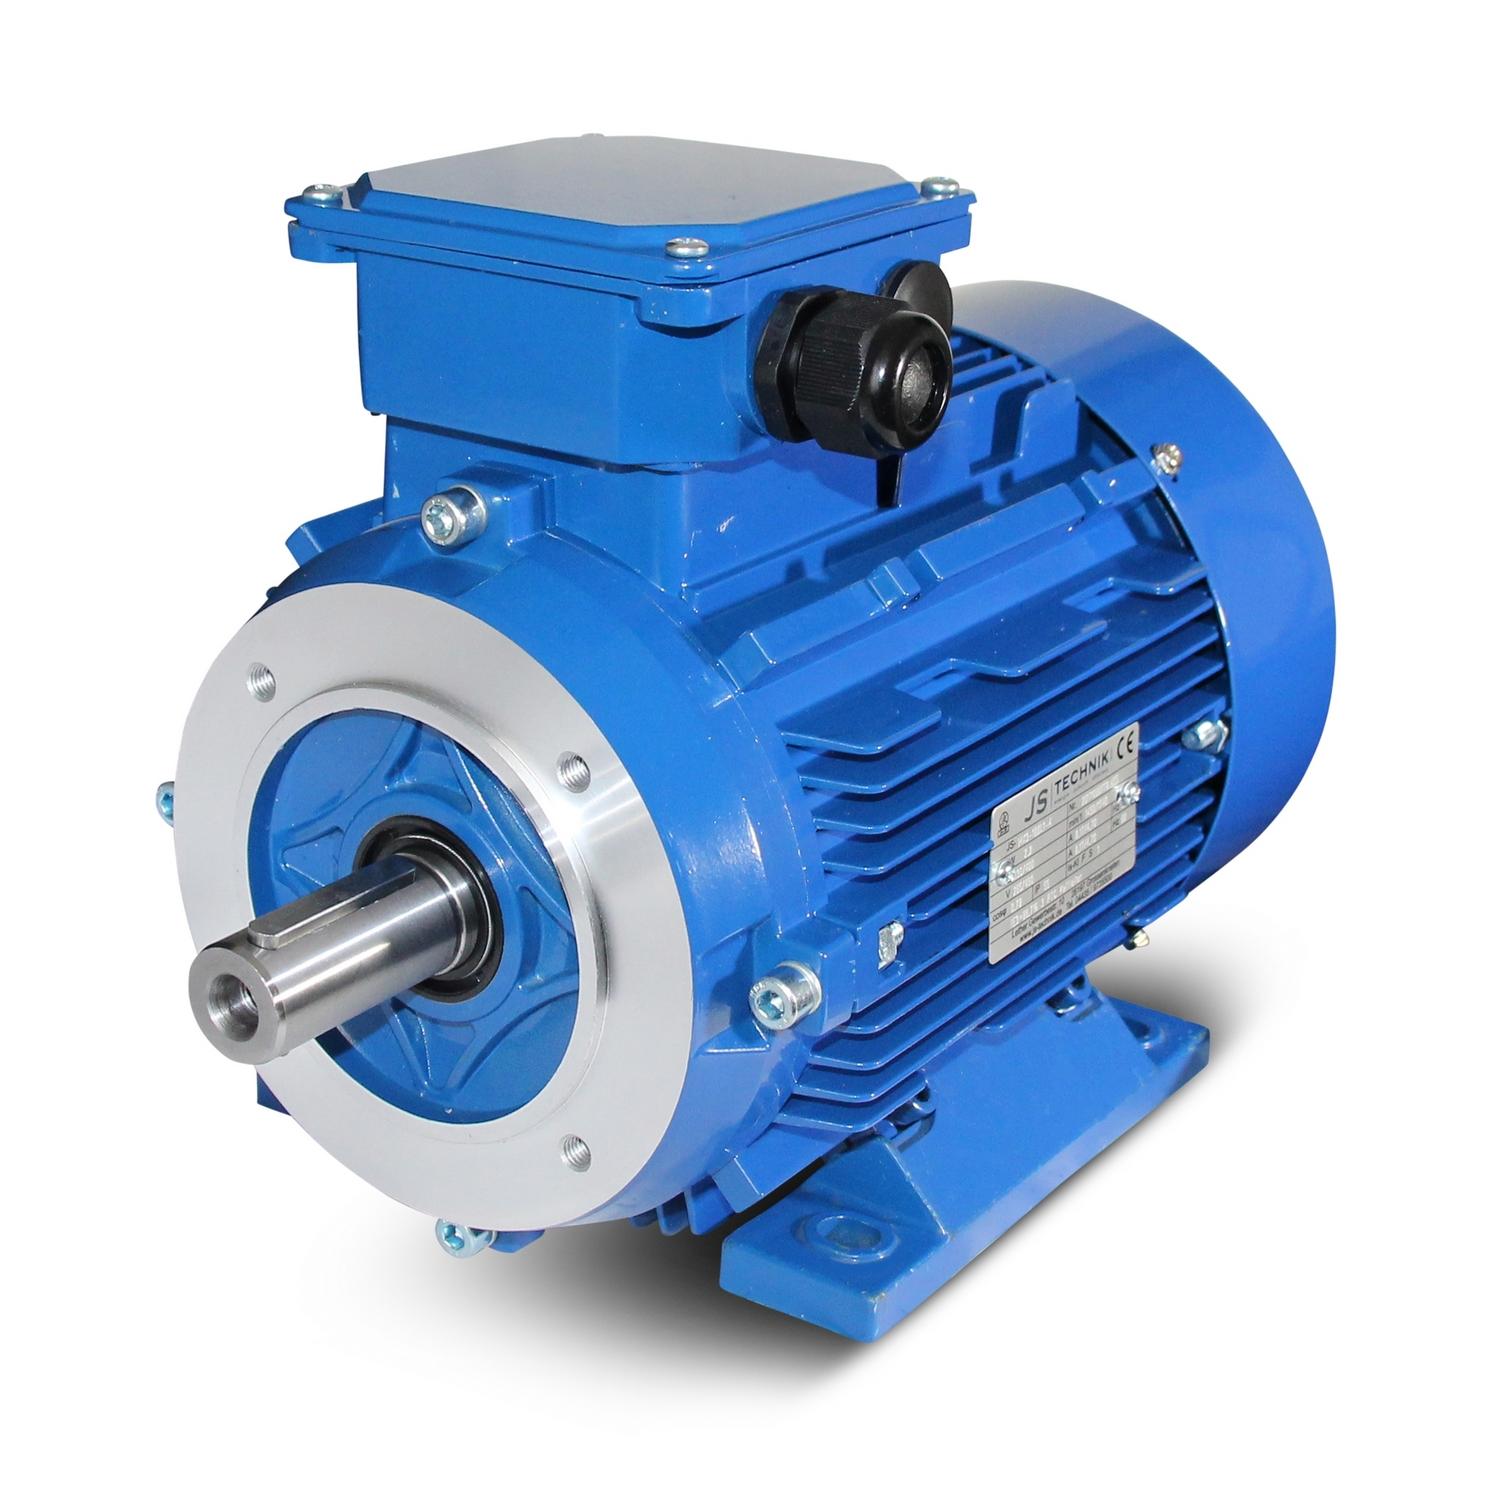 Ac motor drehstrommotor 1 1 kw 2 polig b34 js for 1 kw dc motor